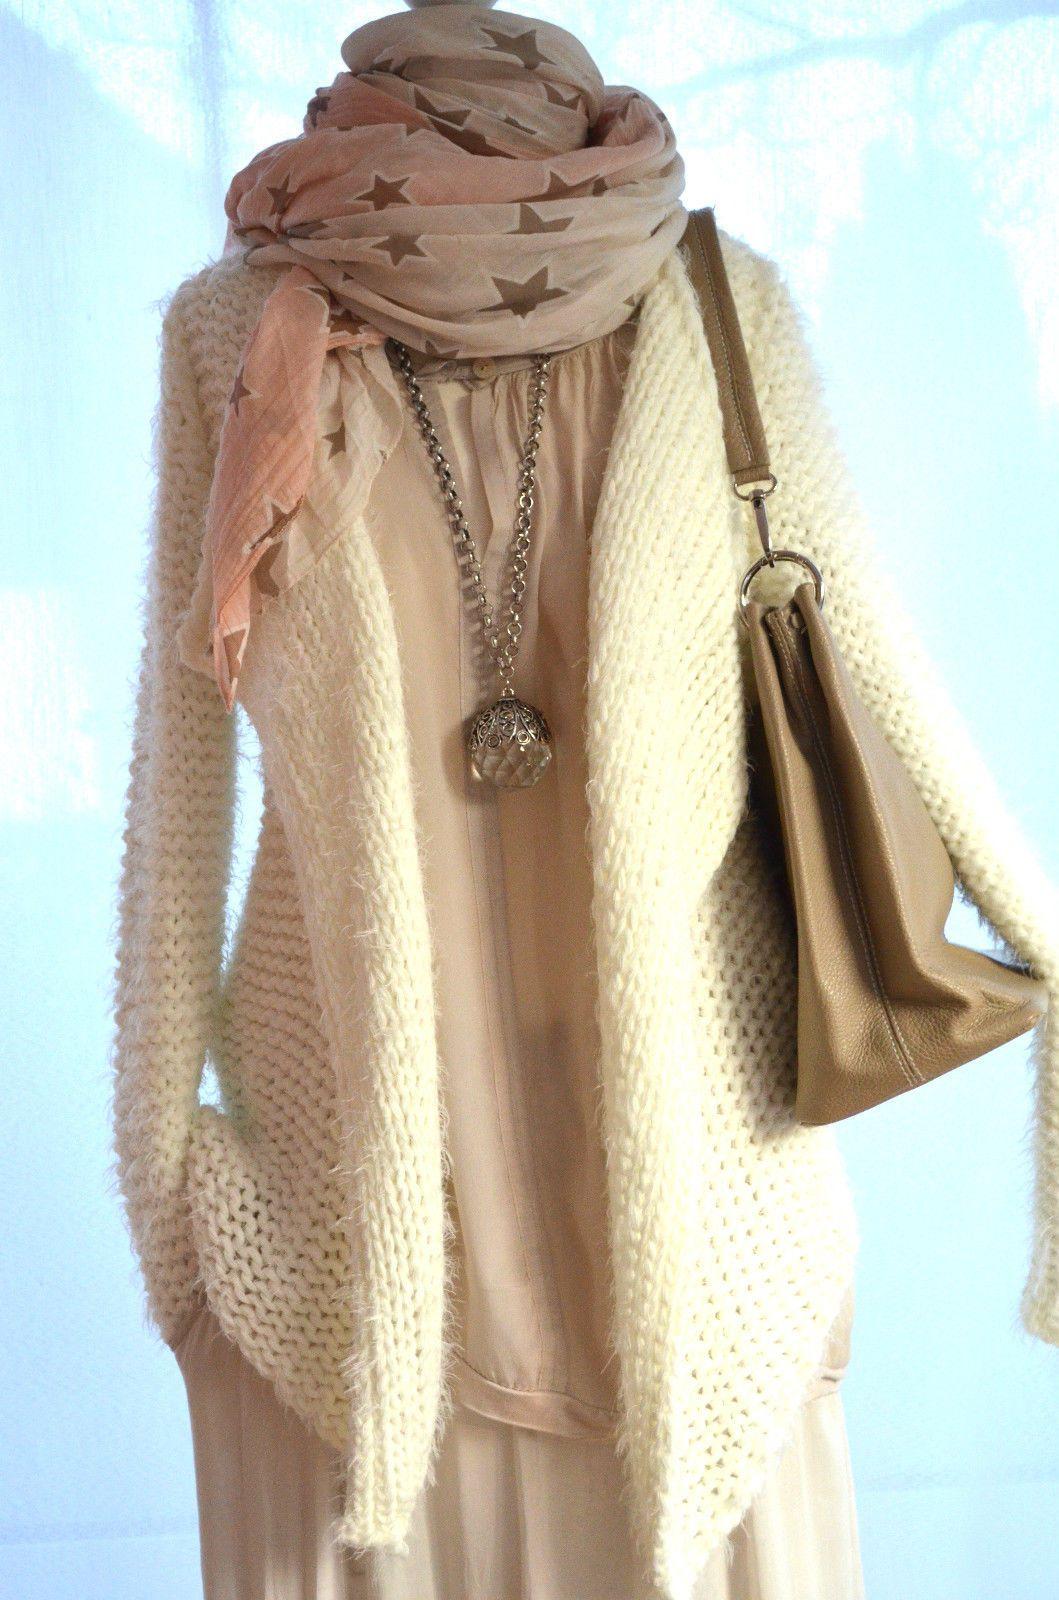 Italy Cardigan*Süße ZOTTEL Strickjacke FLAUSCH*Hippie*Wollweiß*Grob*S/36*NEU | eBay